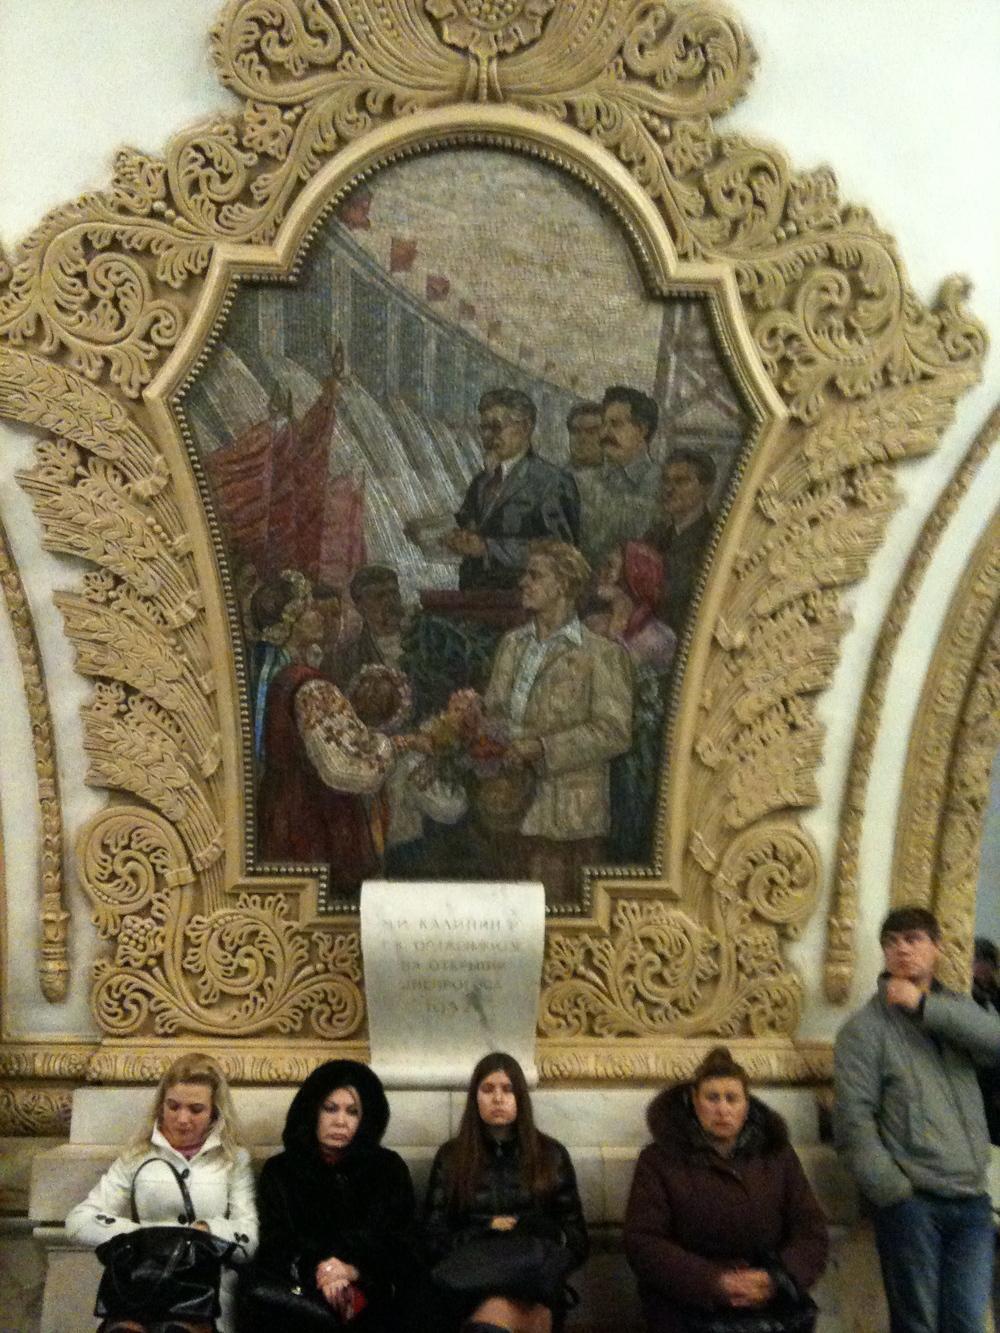 Metroda Kalinin temsili bir mozaik calışması.